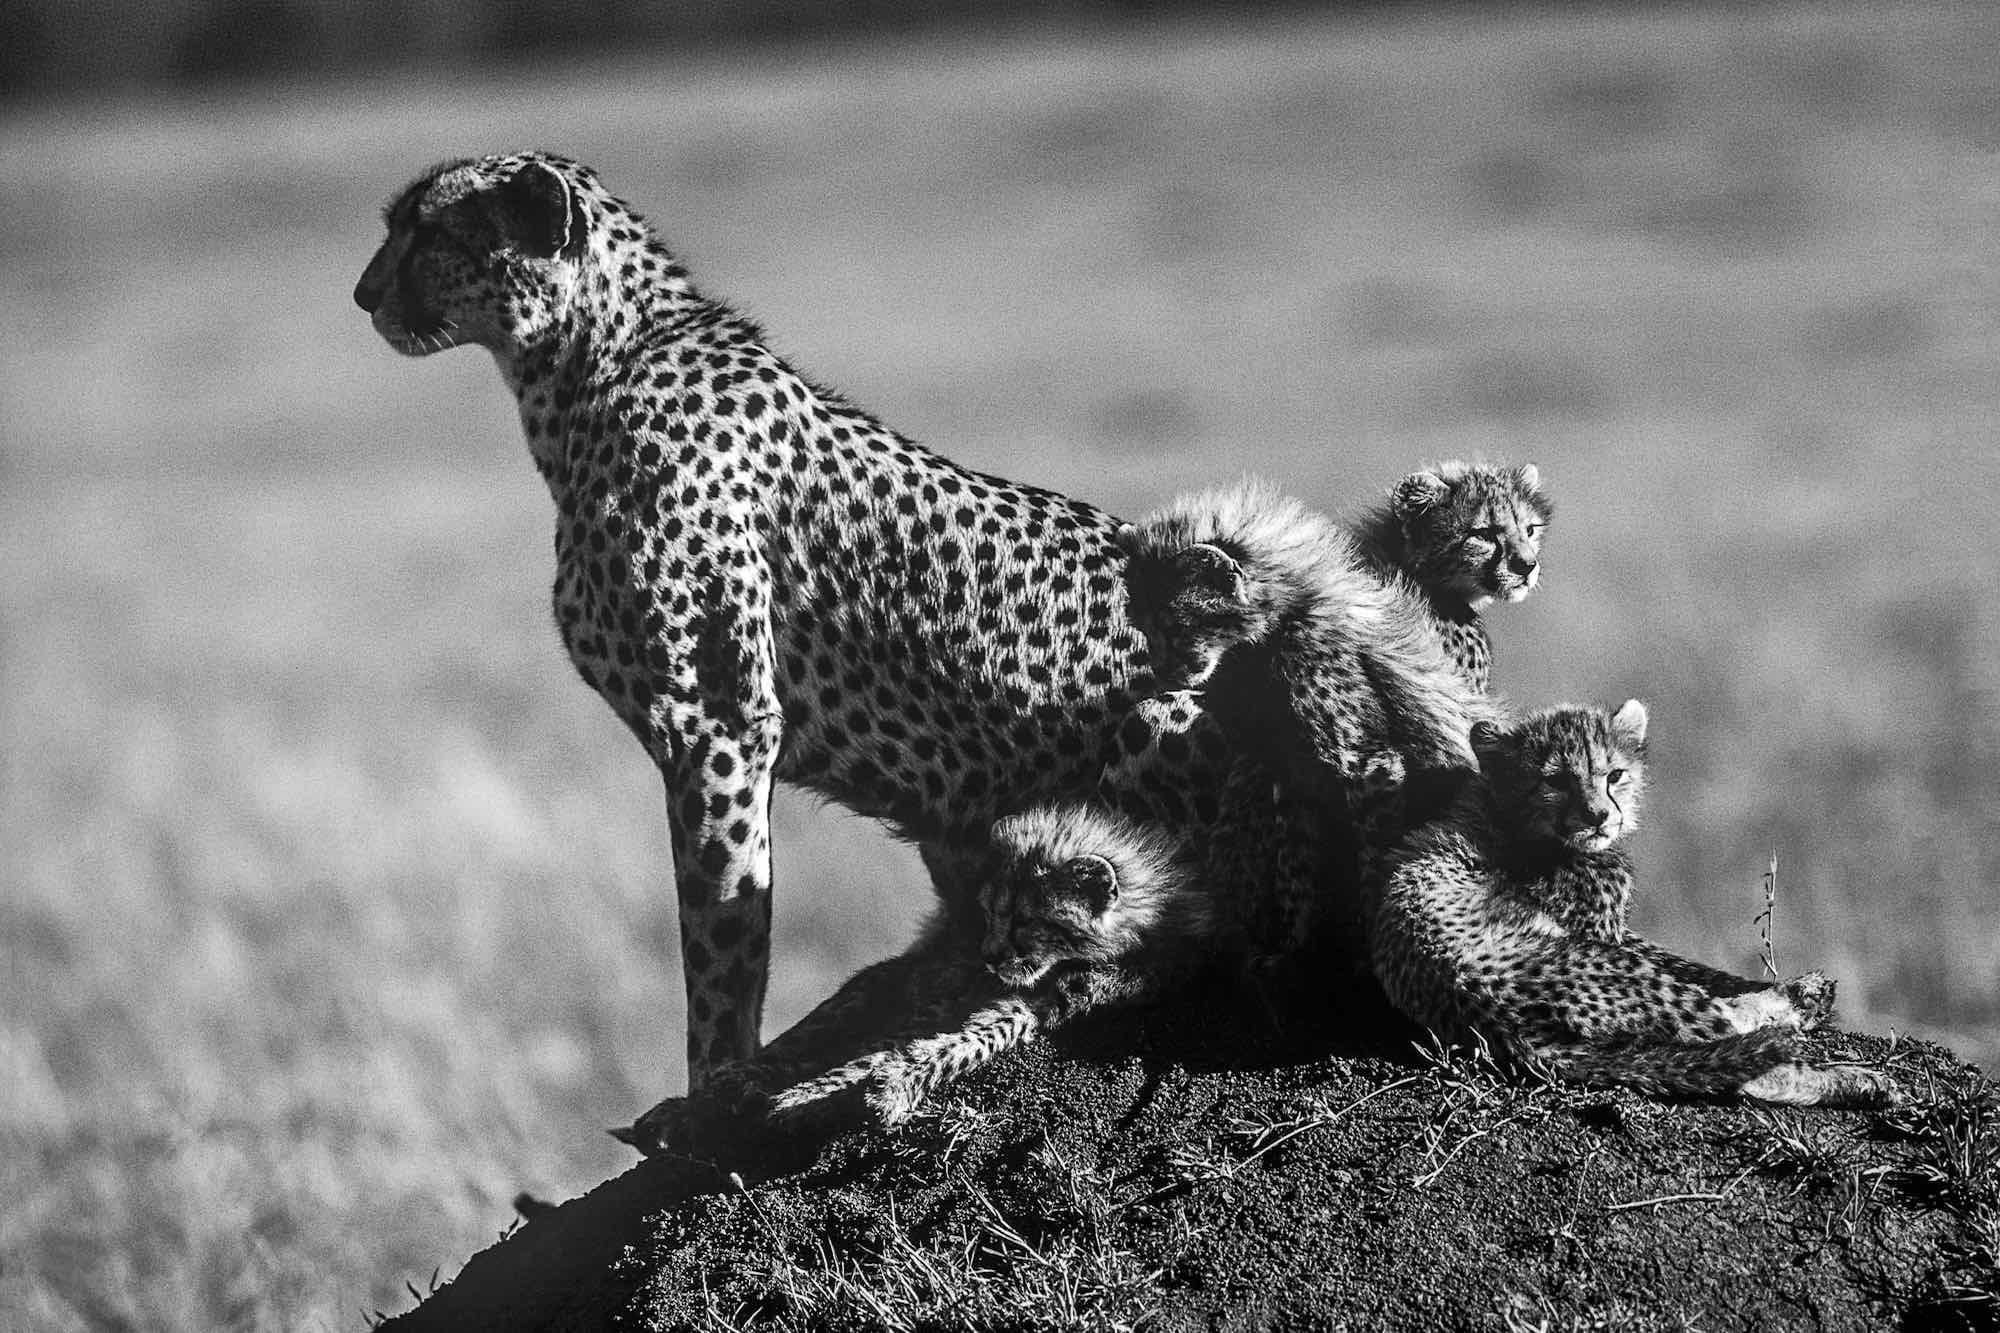 Family - Yann Arthus-Bertrand